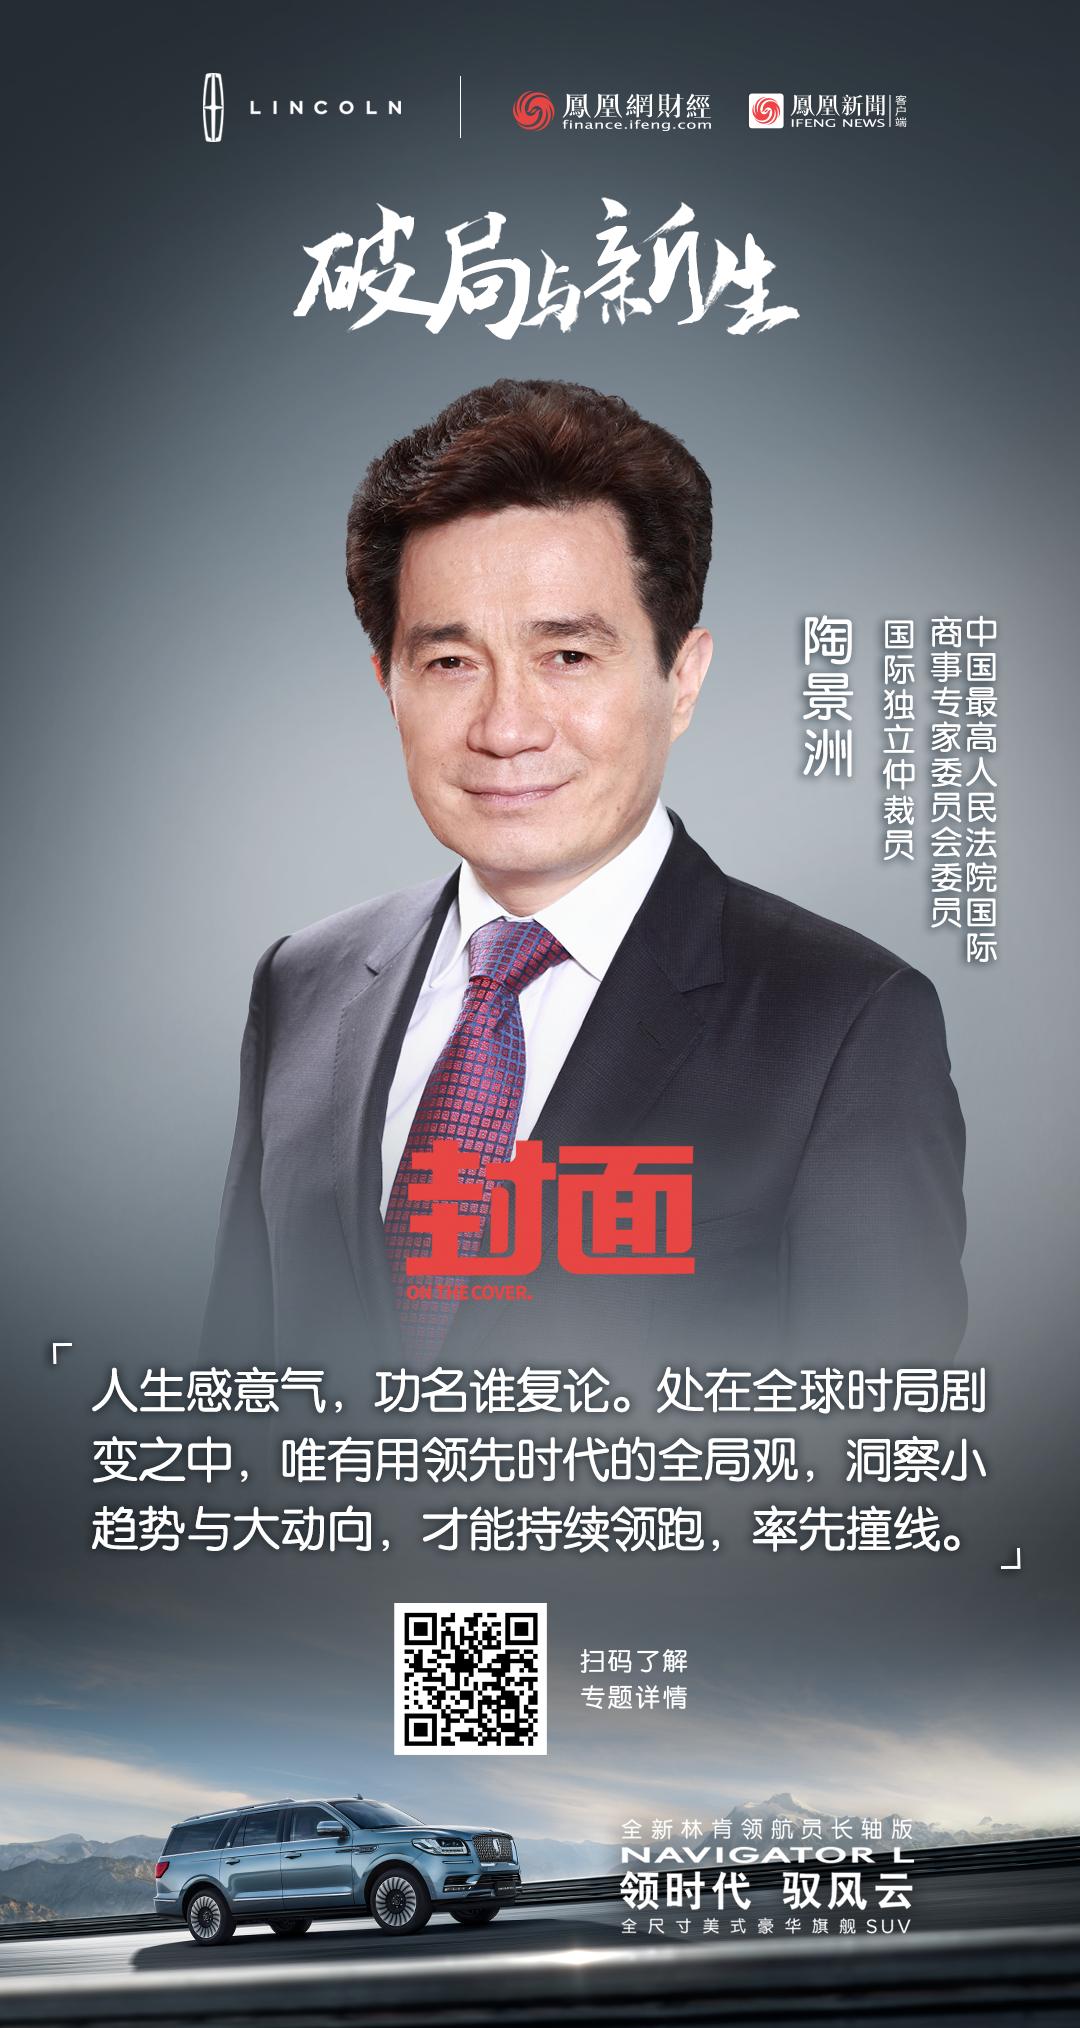 陶景洲:从商务律师到独立仲裁员 用法律实务报国